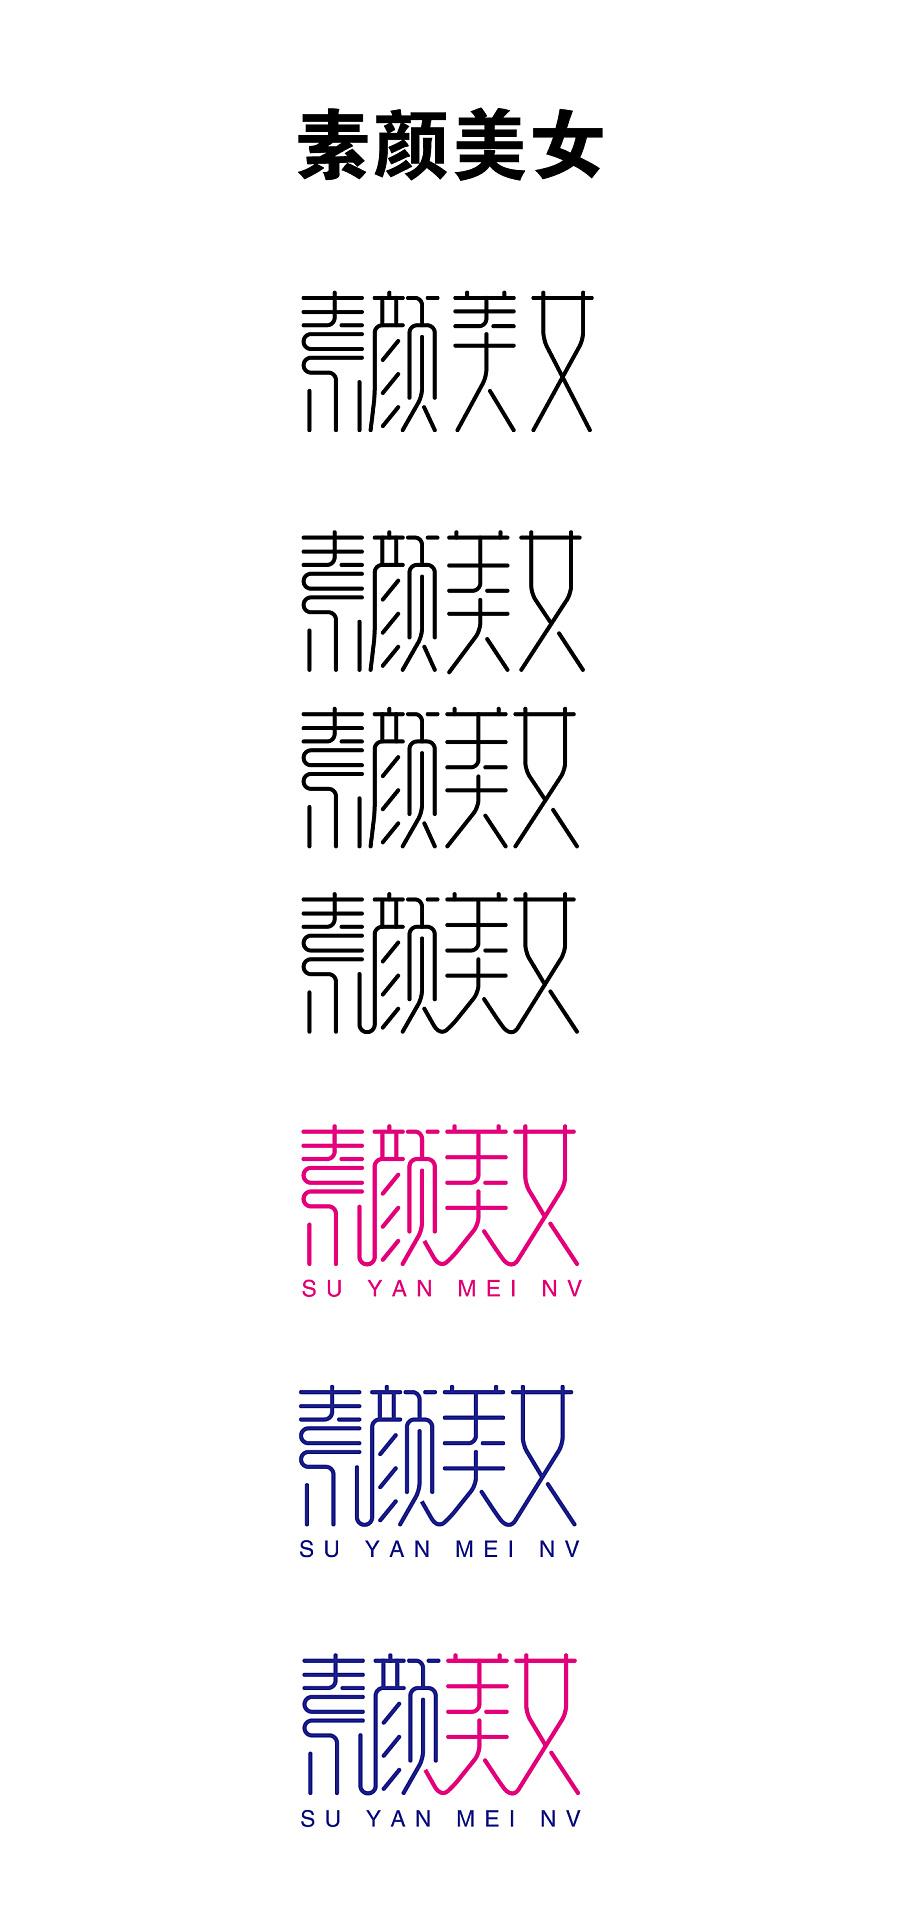 素颜美女AI美工造字专业是平面设计钢笔?图片